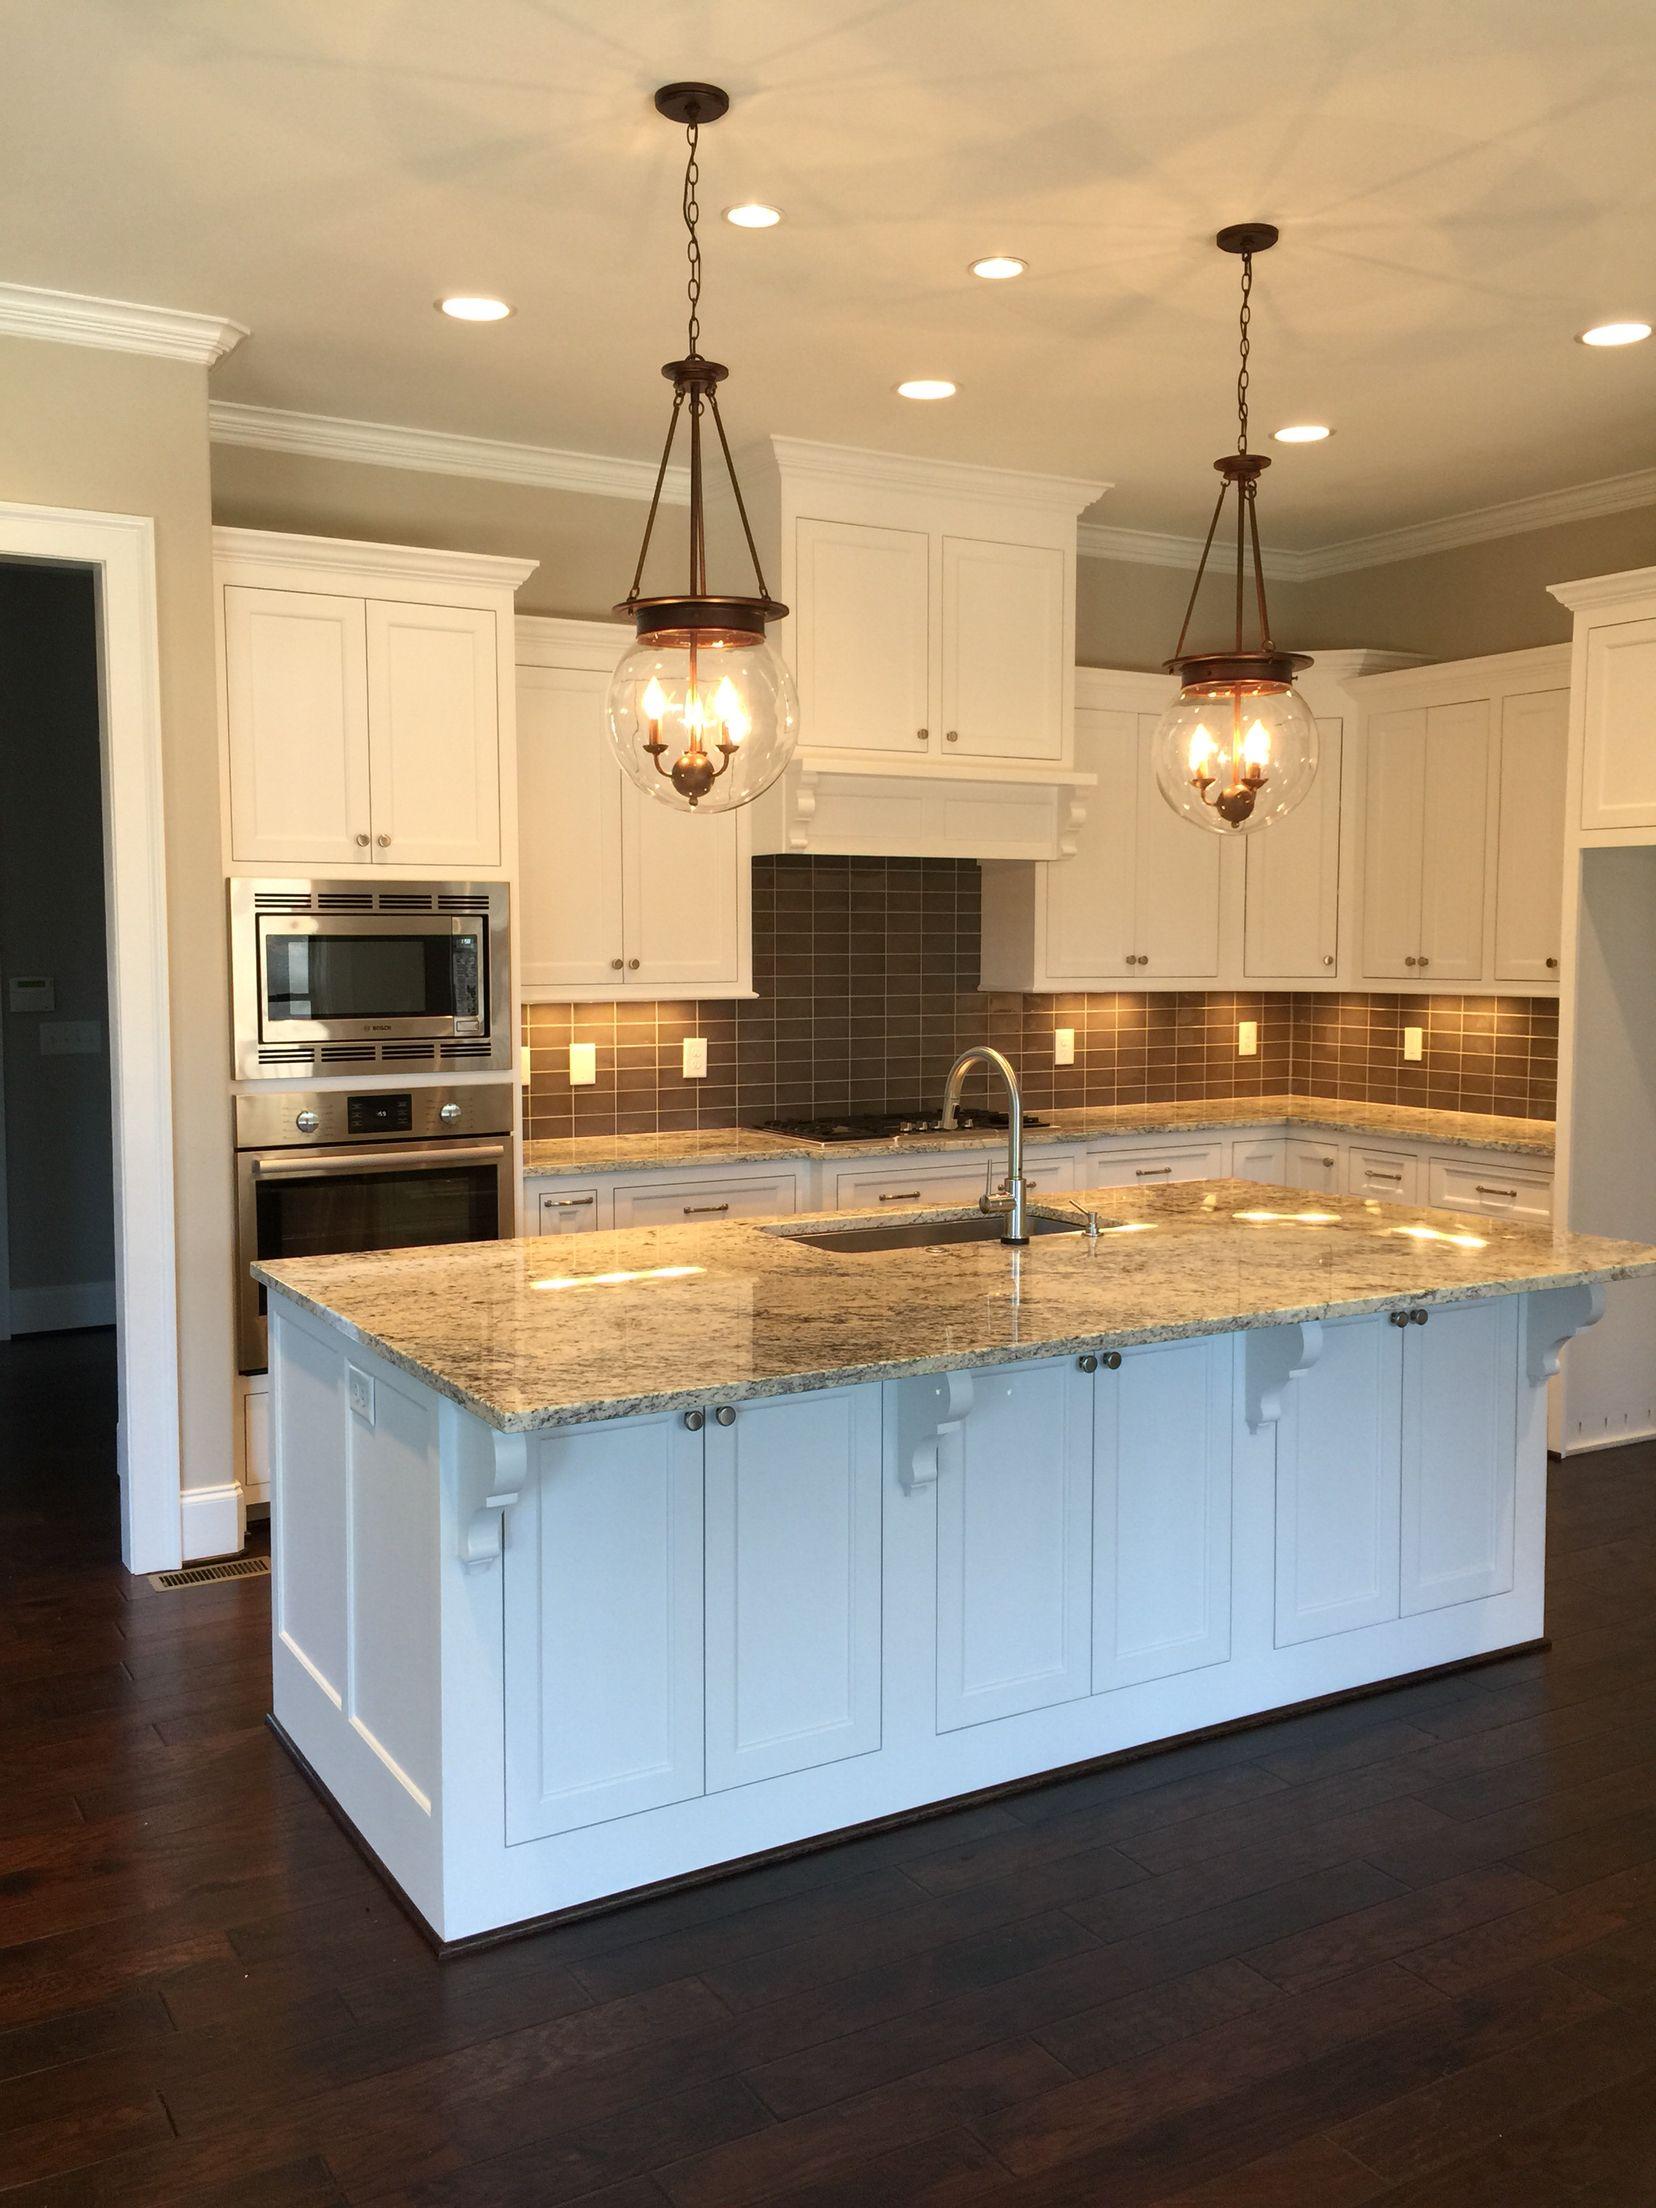 Gray Kitchen Cabinets And Walls Grey Walls. Light Grey